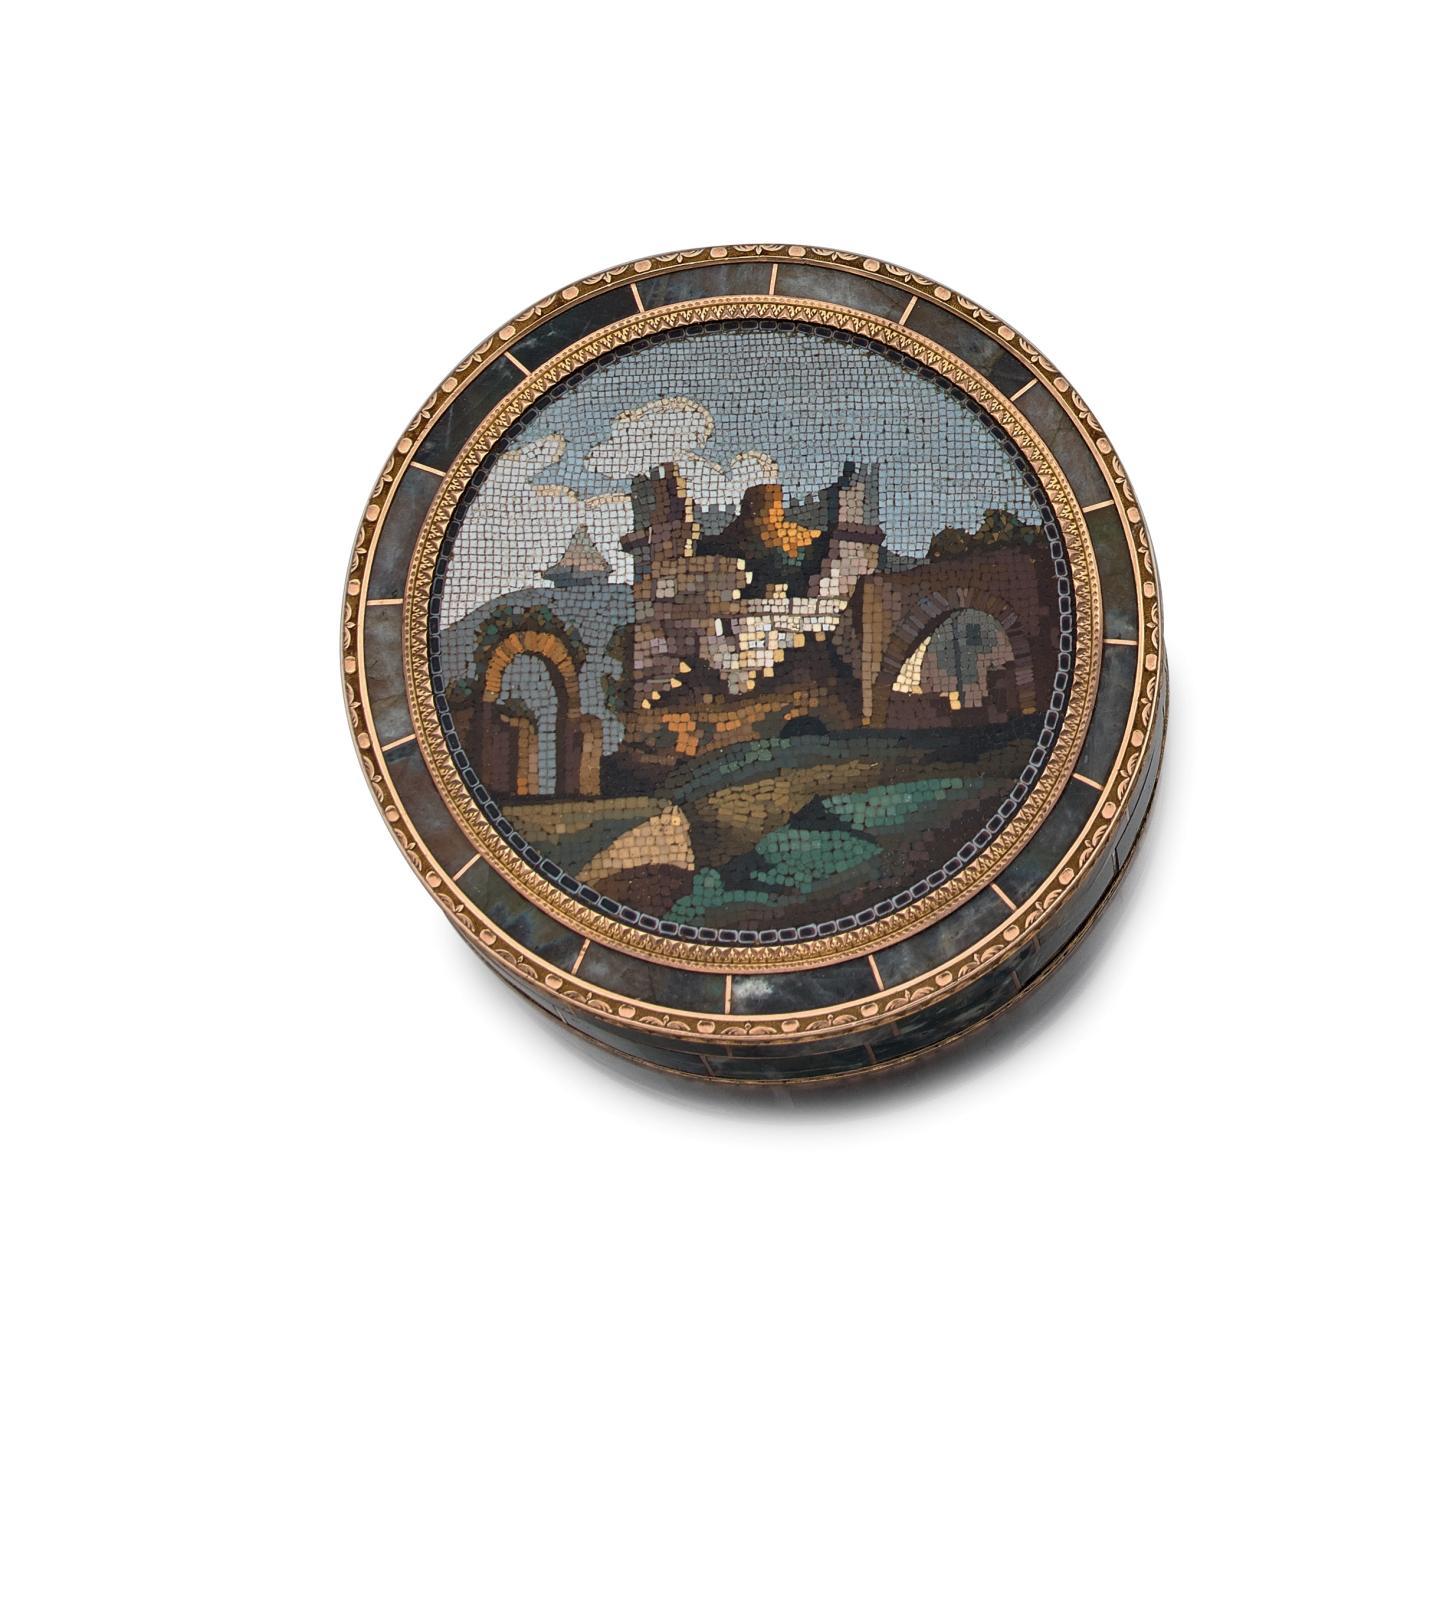 Travail romain, vers 1790, poinçons de Vienne, 1795. Tabatière ronde en marqueterie de labradorite et monture en or, le couvercle en micromosaïque, di